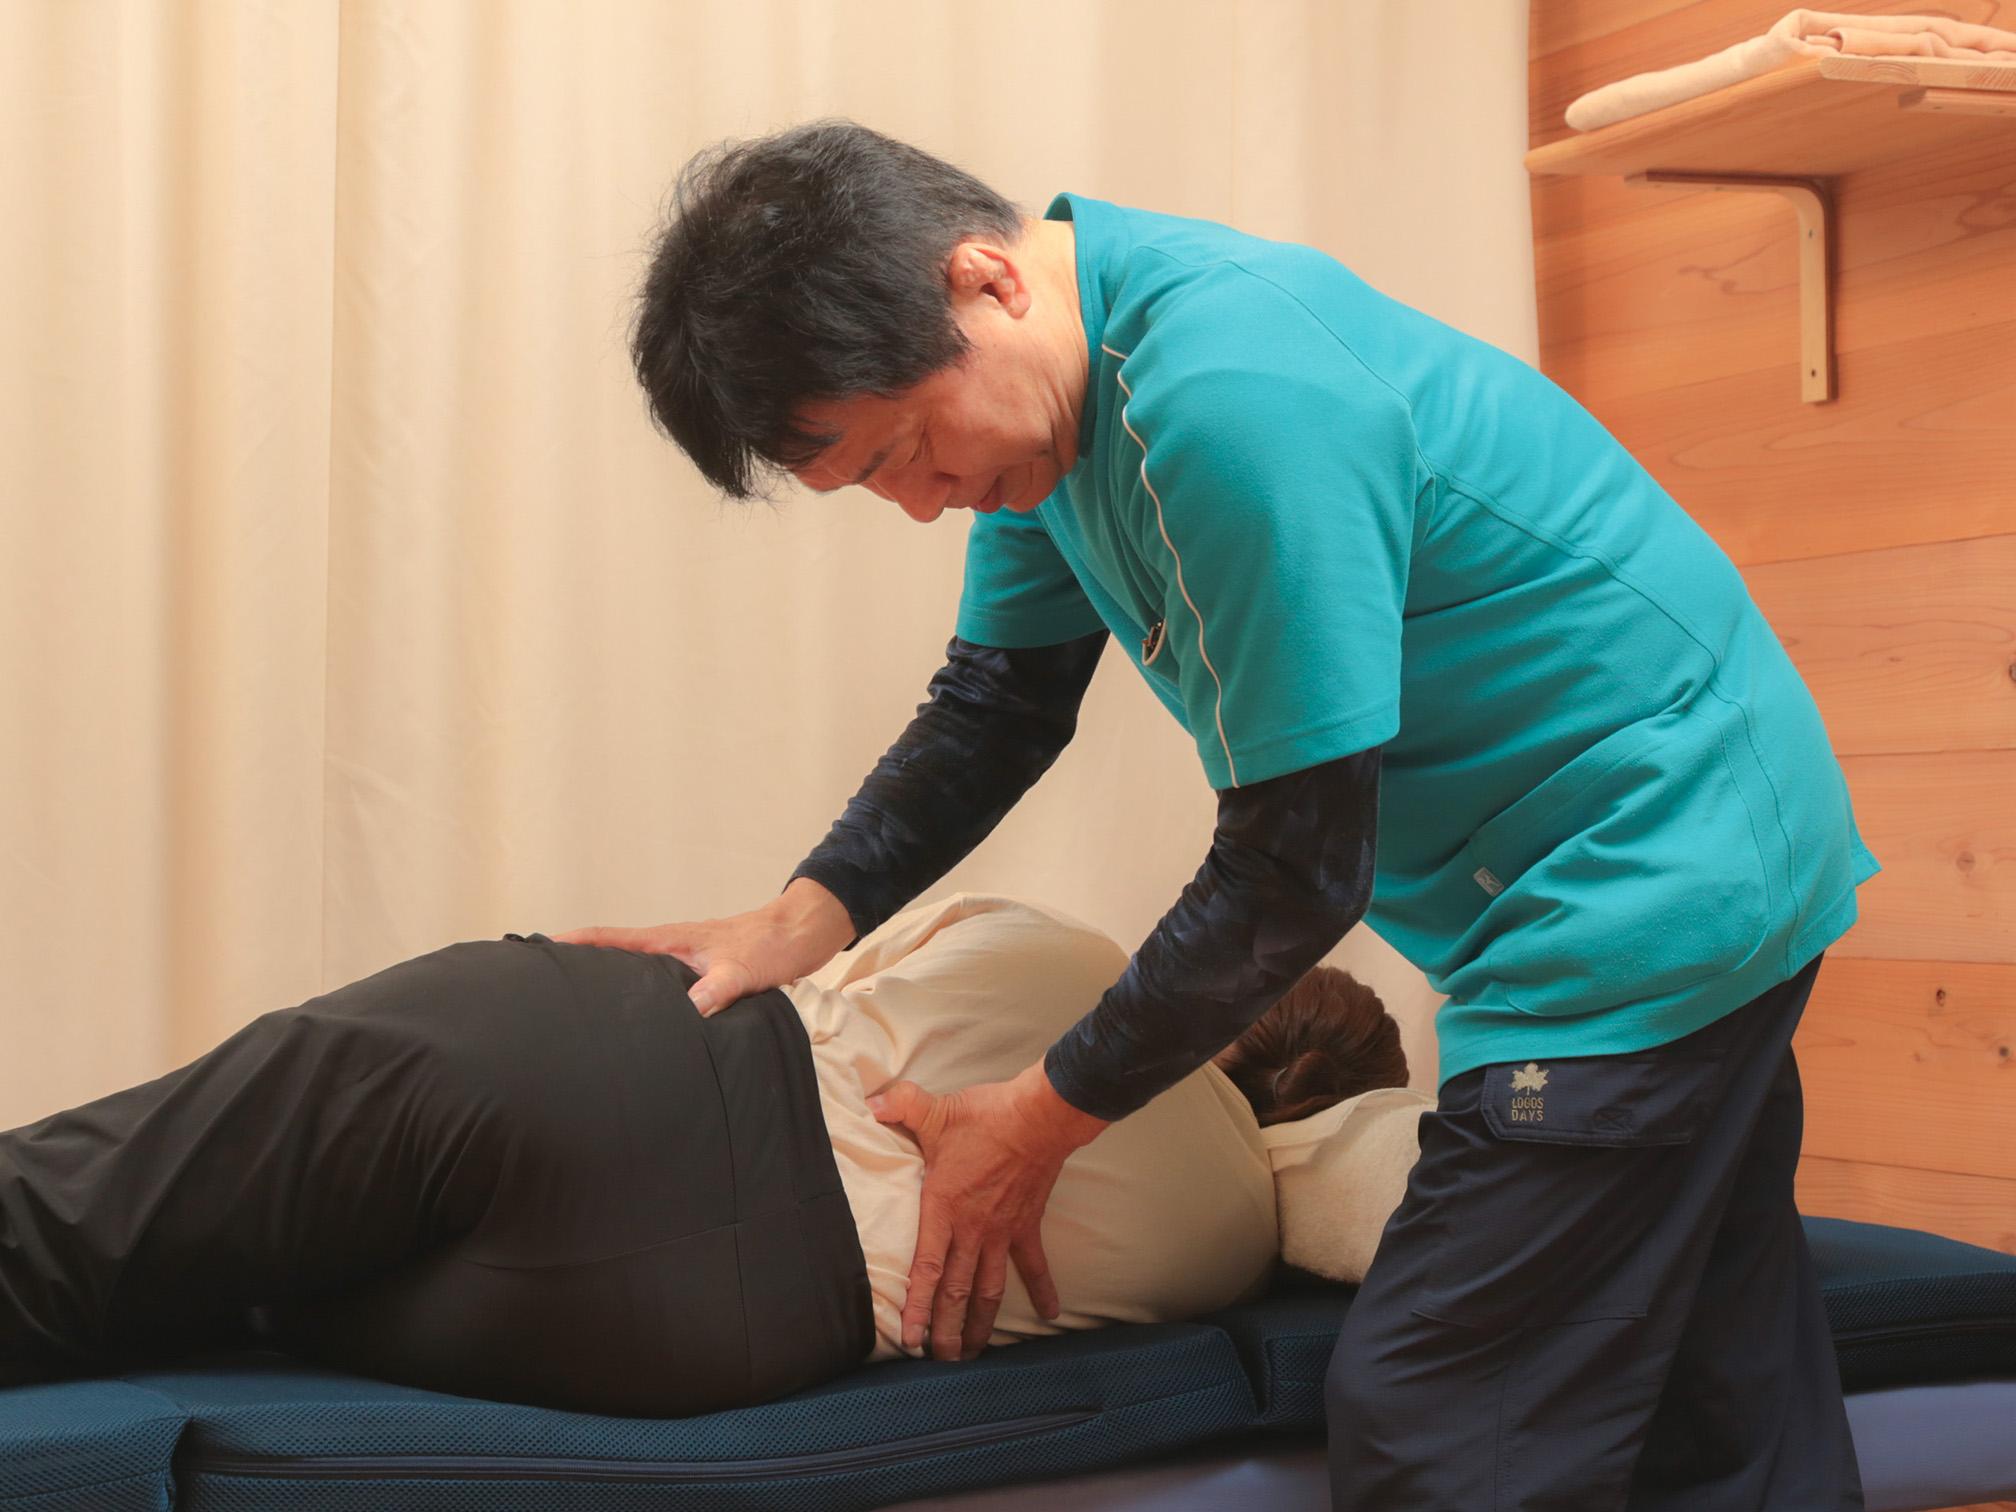 痛みを感じないようにソフトな手技で施術します